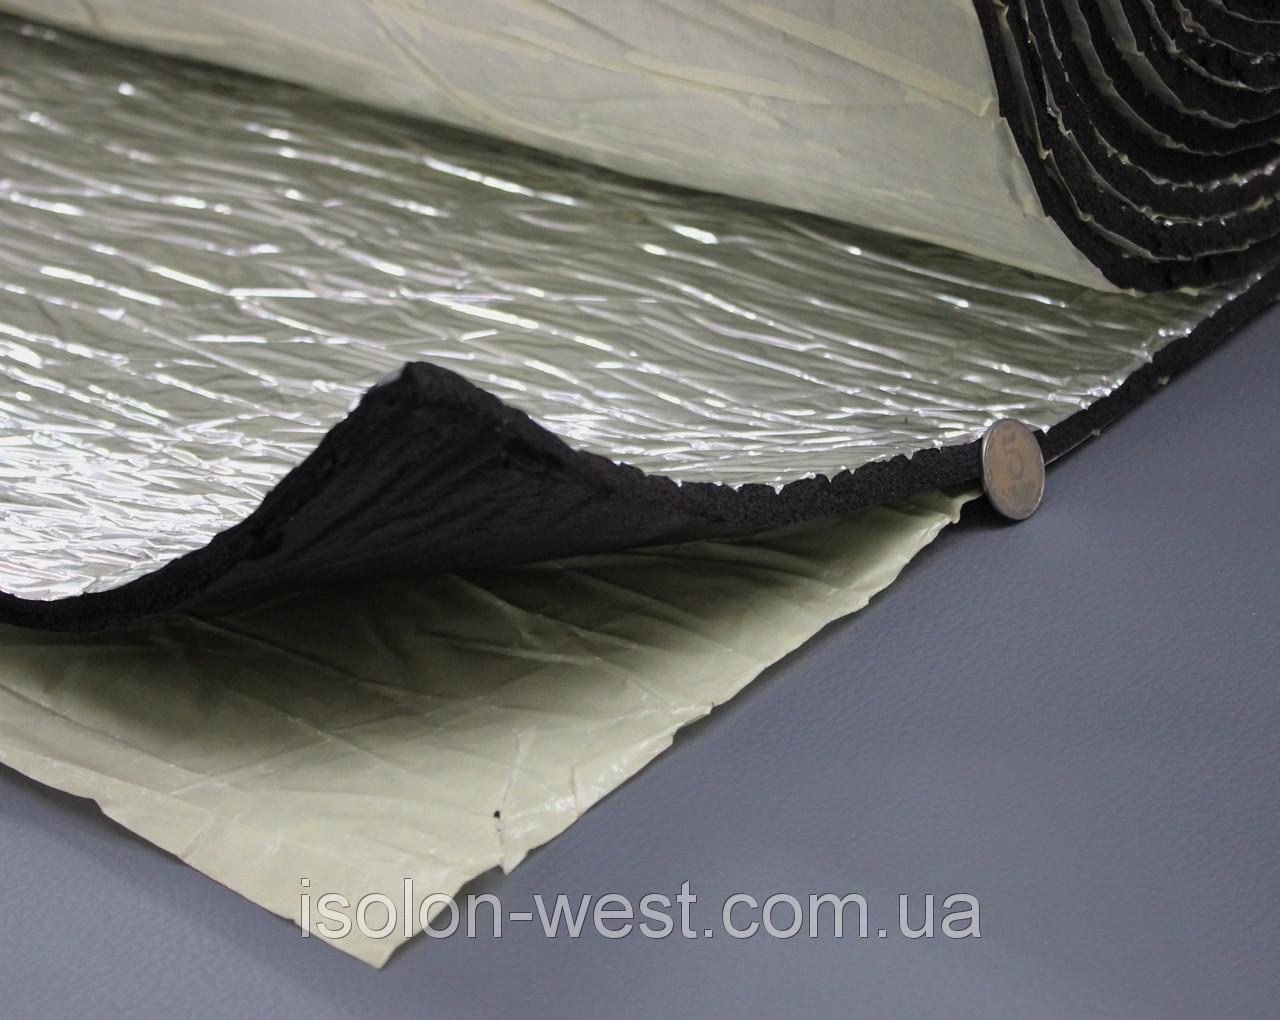 Шумоизоляция для авто с фольгой 13мм каучуковая, Flex-optimal 13 ФК, лист 50х75 см